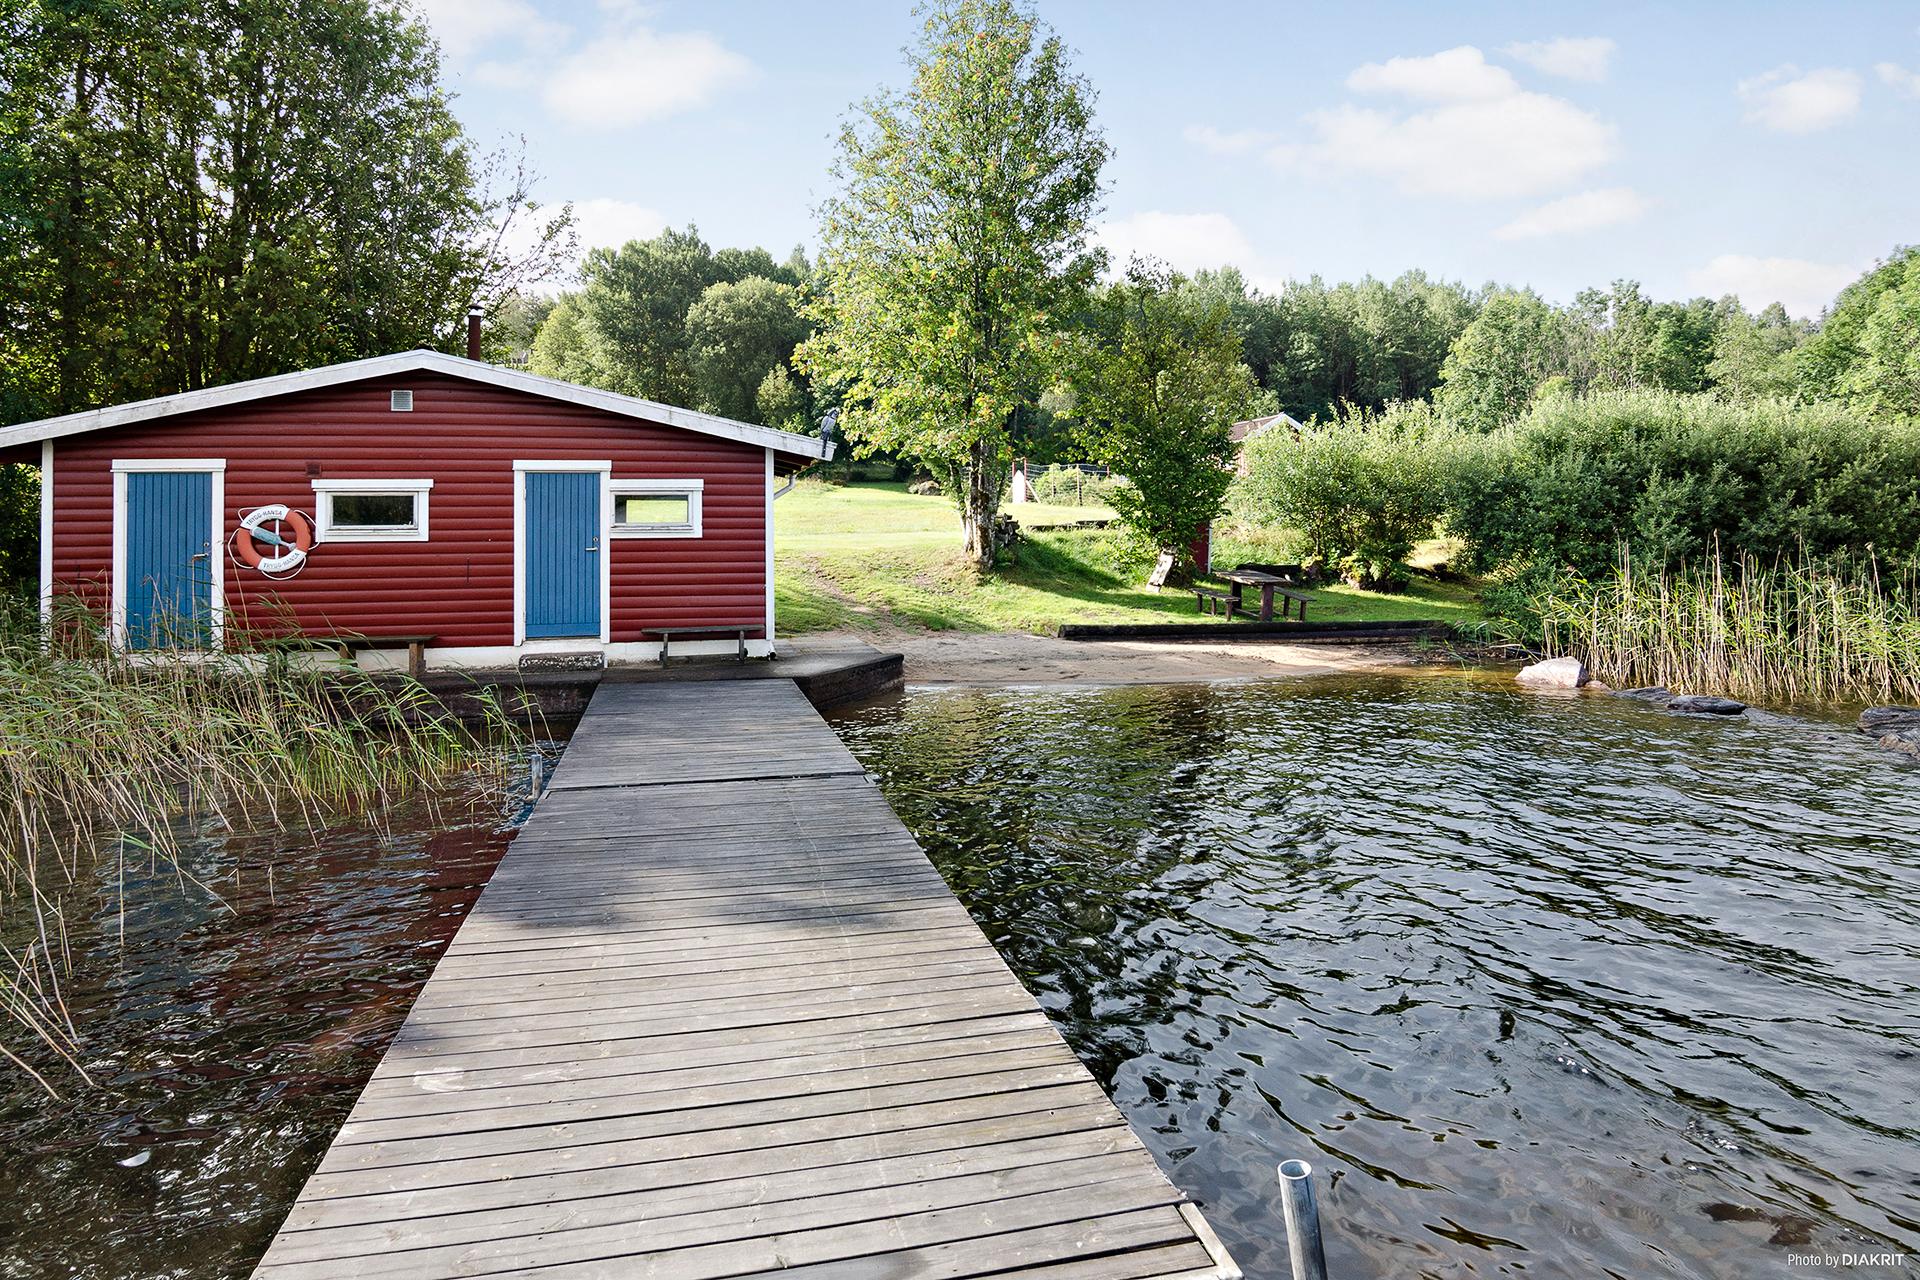 Vid badplatsen finns även en gemensam bastu som medlemmarna i stugägarföreningen får nyttja